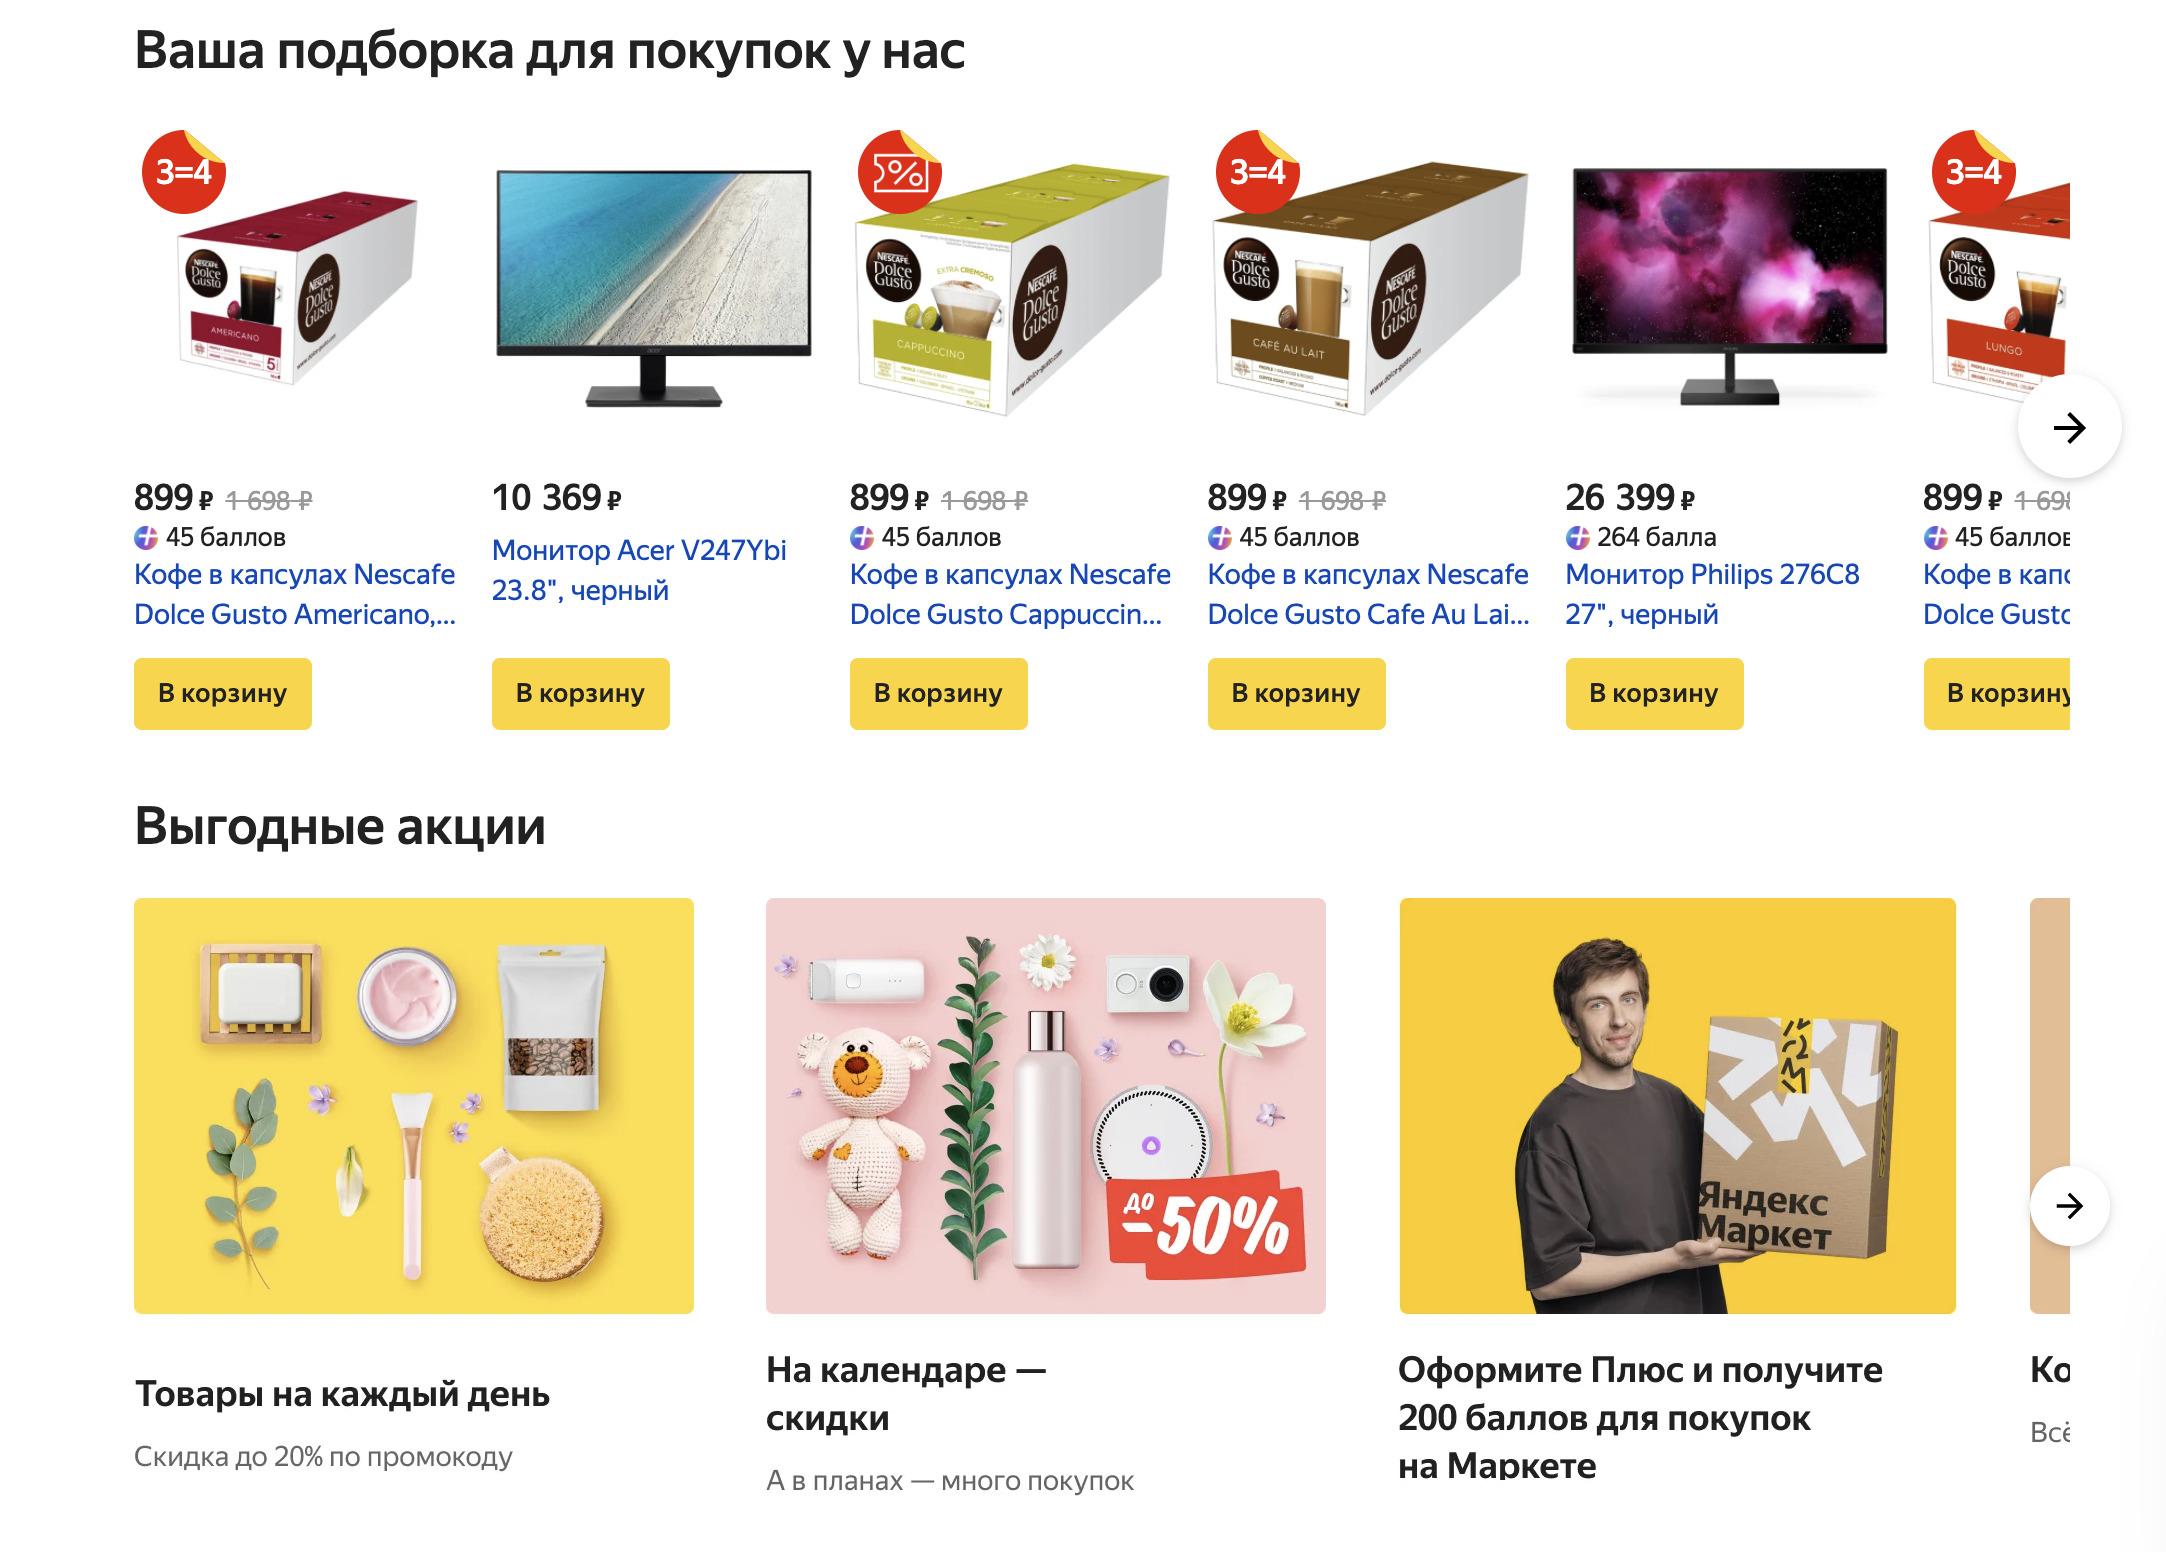 Доставка из Яндекс.Маркет в Московскую область, сроки, пункты выдачи, каталог